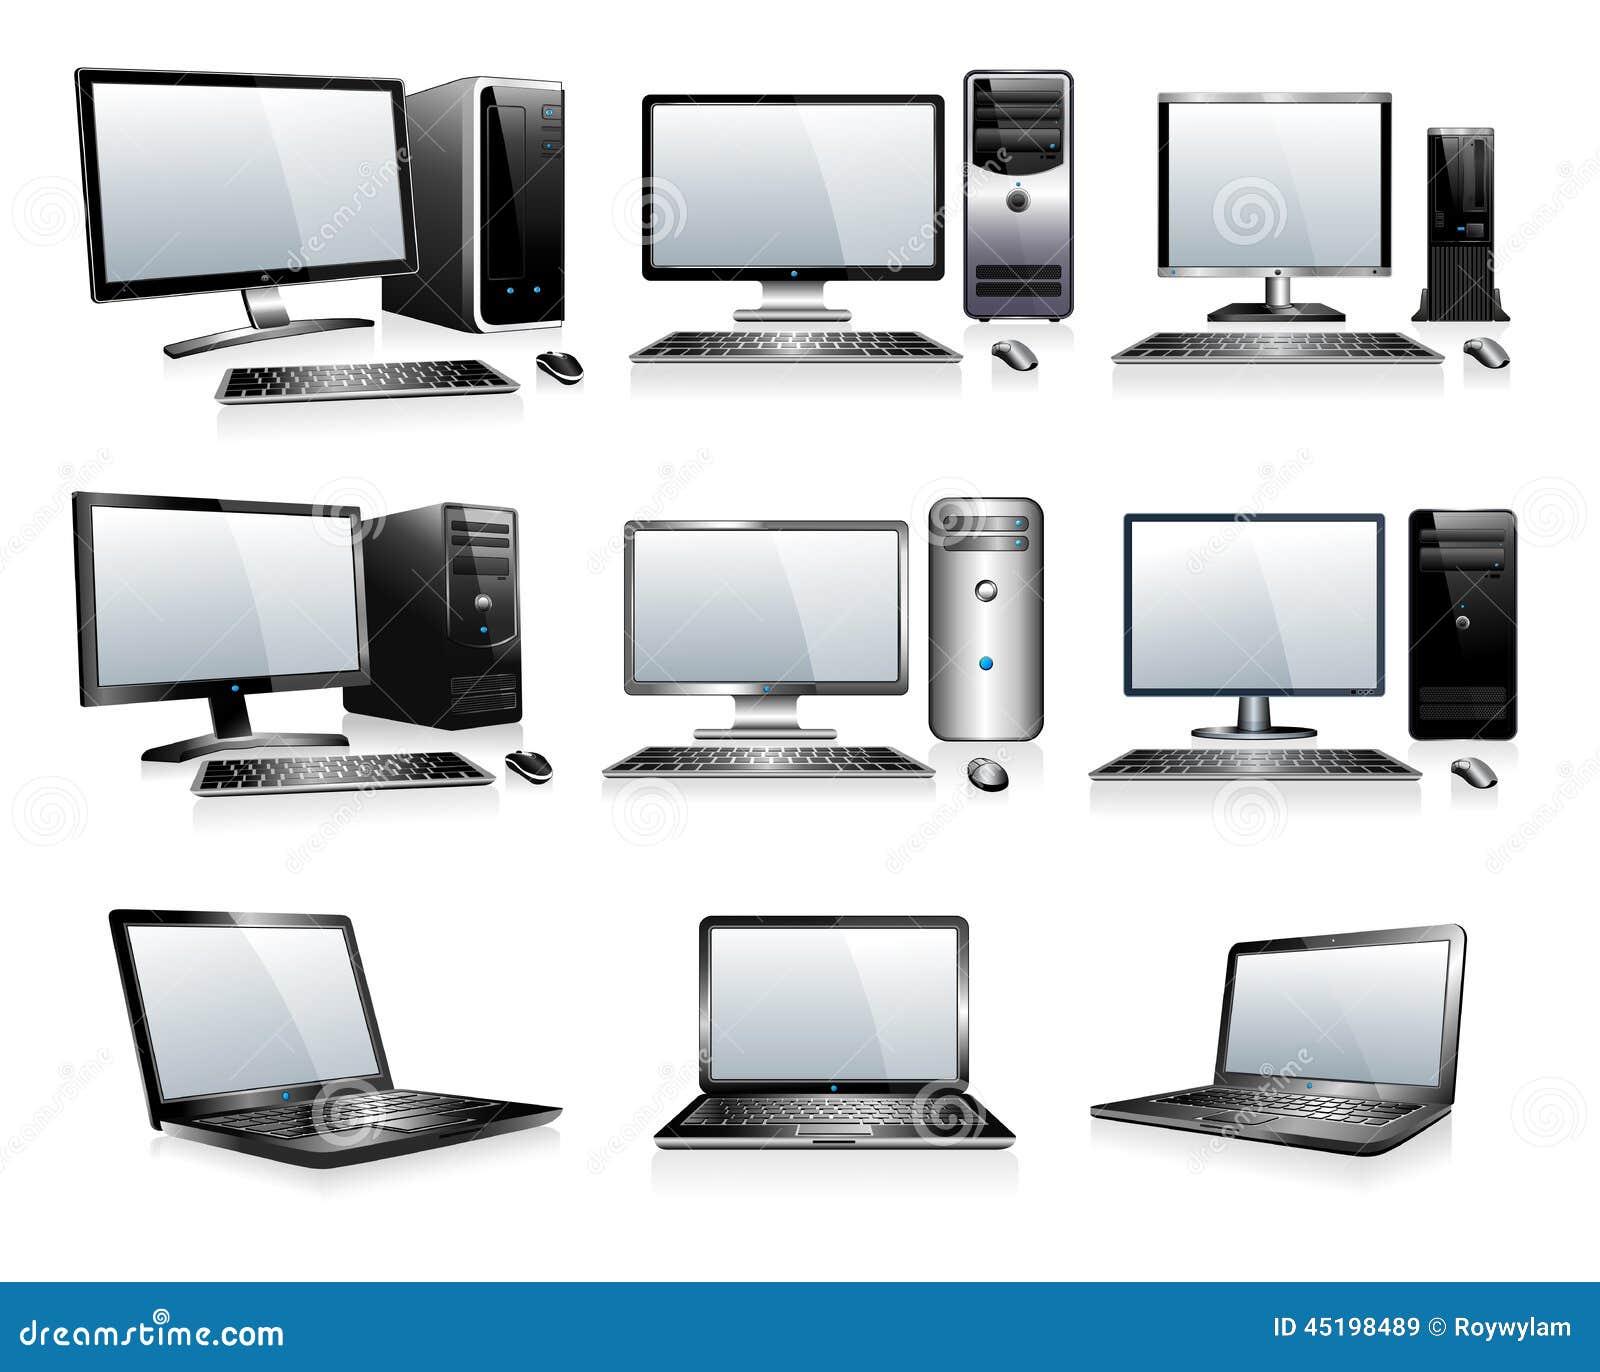 Eletrônica da informática - computadores, Desktops, PC